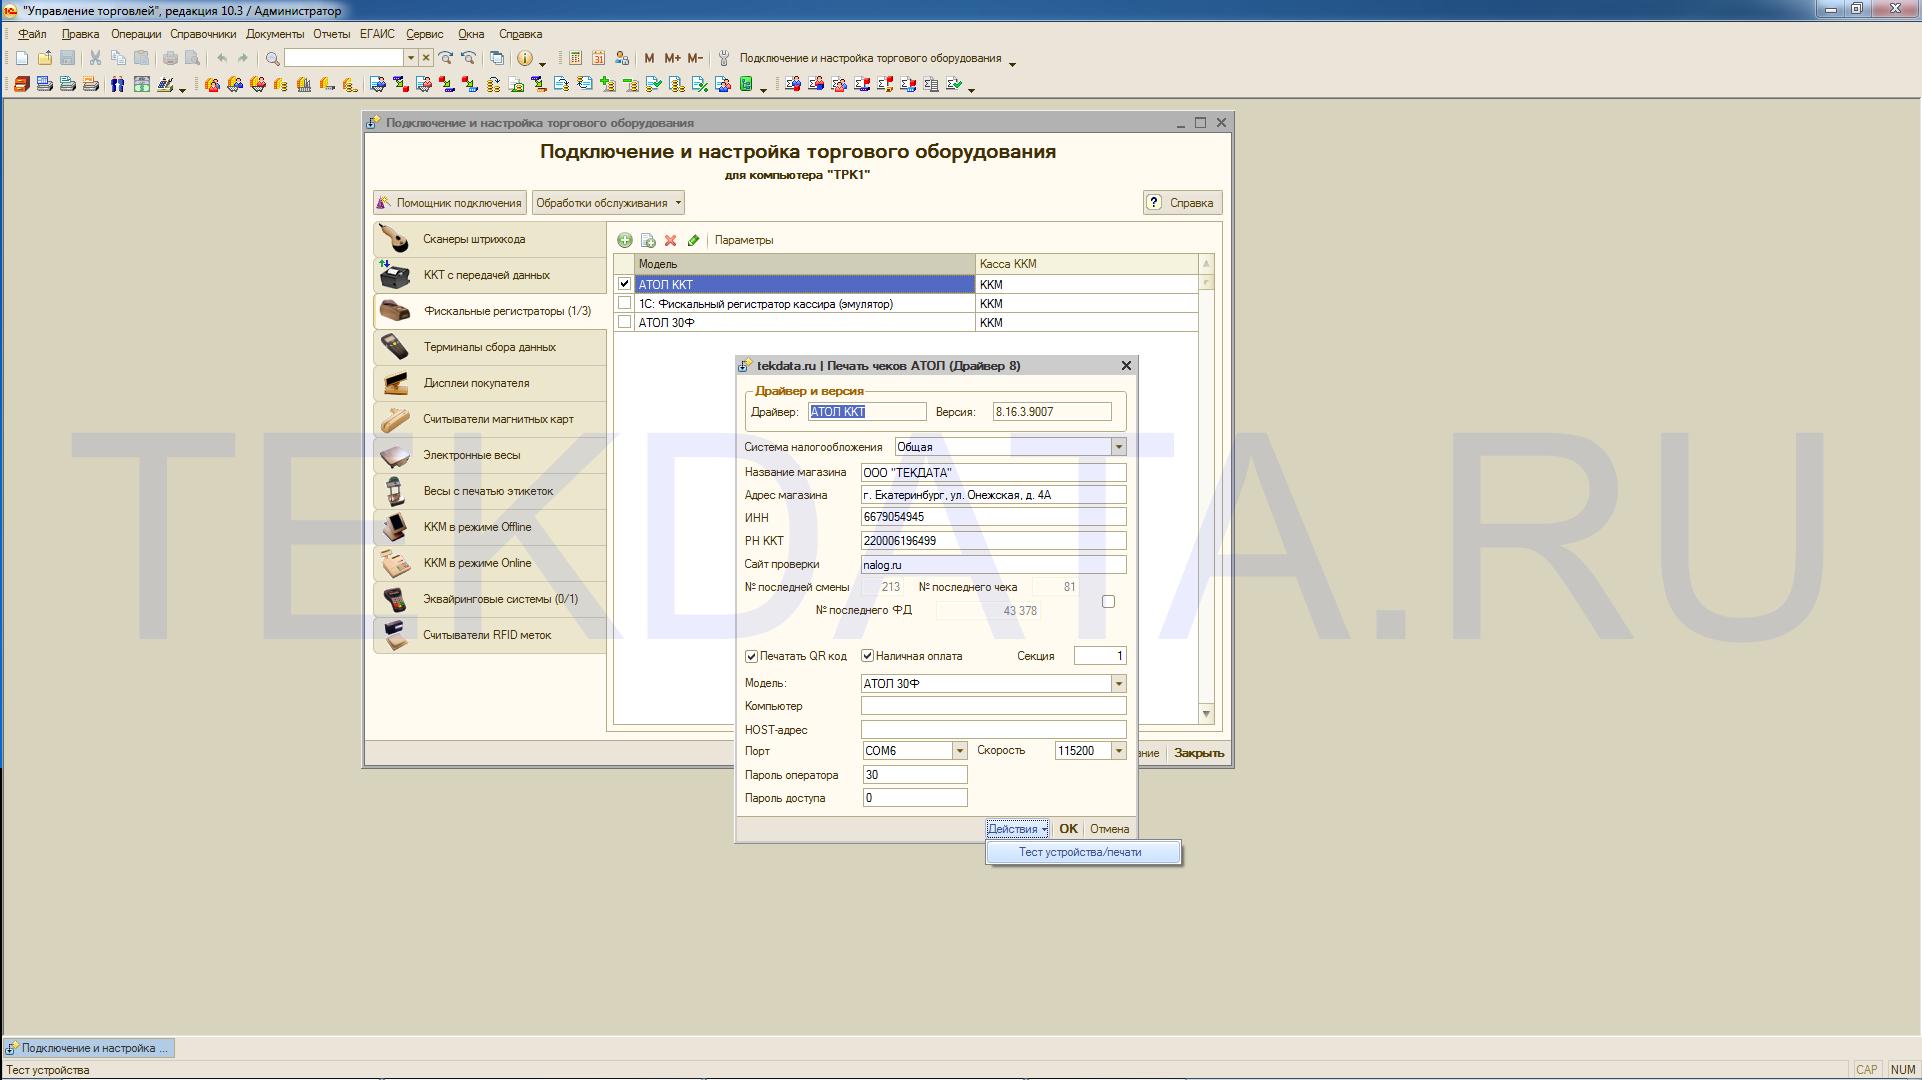 Печать чека ККМ на ККТ АТОЛ (драйвер v.8) без фискализации (Использование ККТ как принтера чеков) для 1С:УТ 10.3